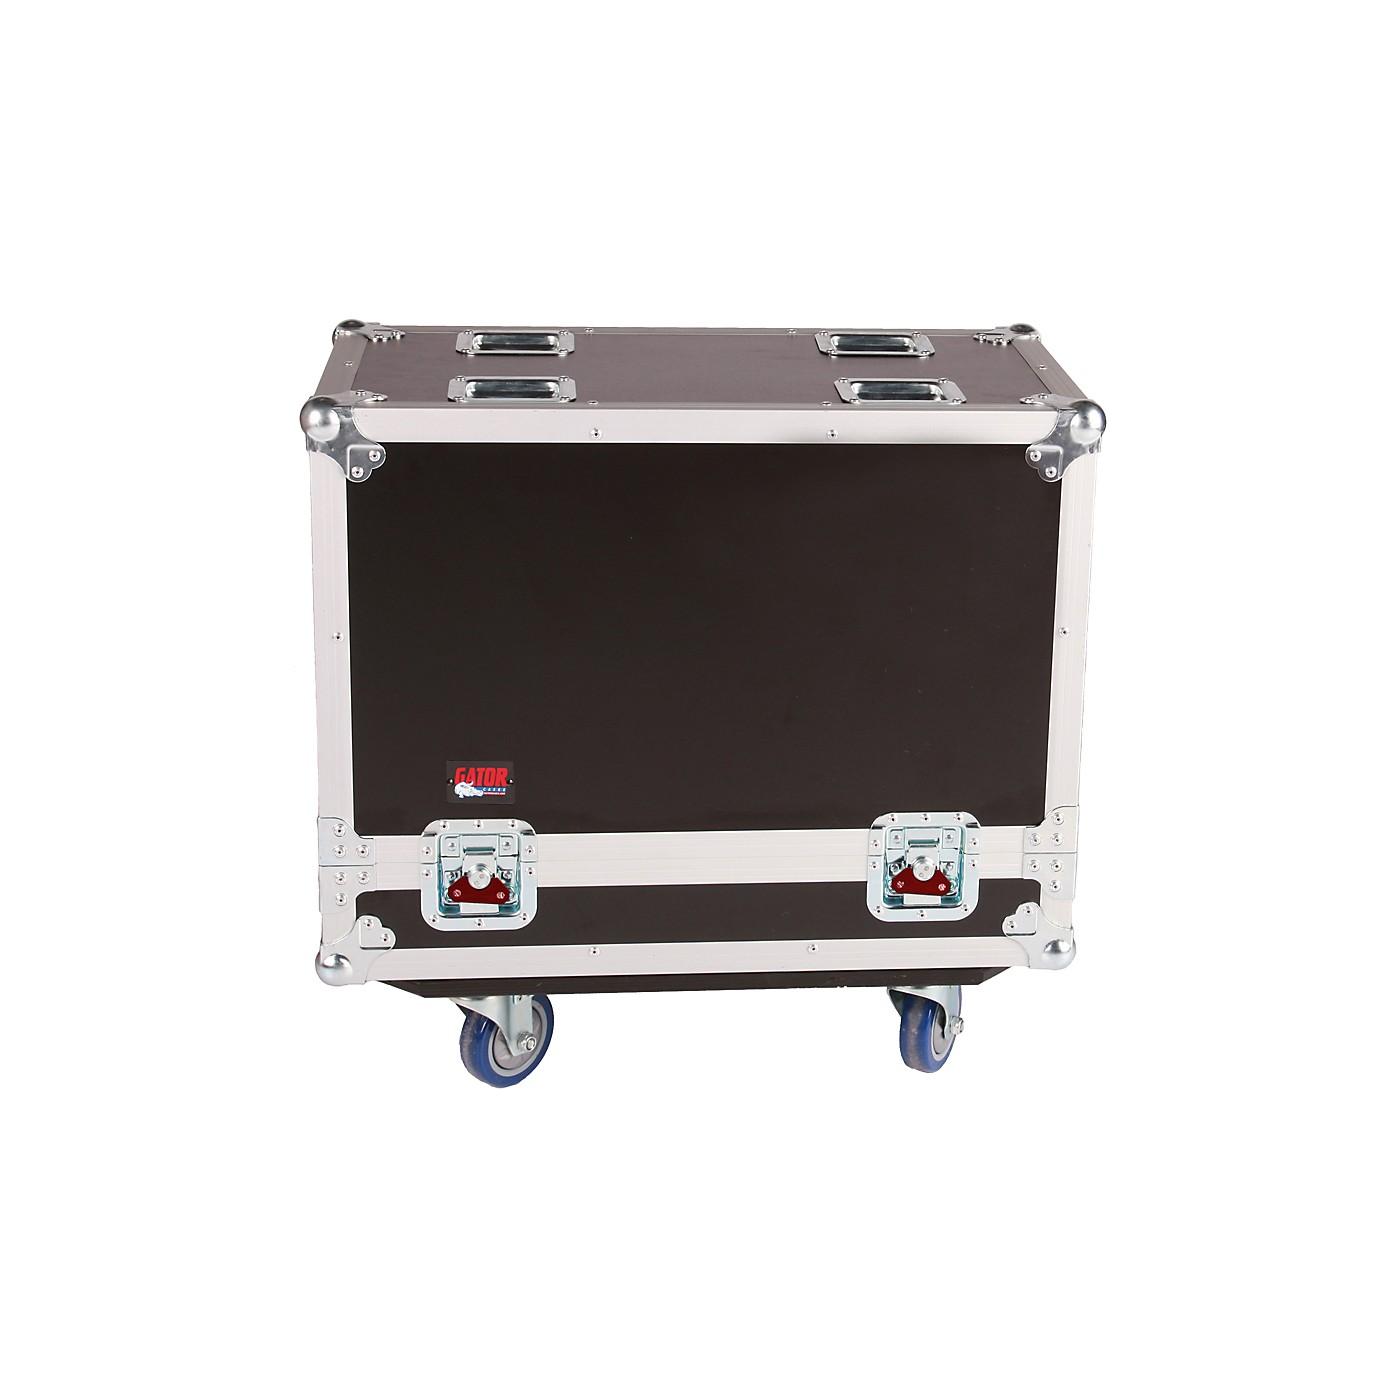 Gator G-TOUR SPKR-2K10 Speaker Transporter thumbnail